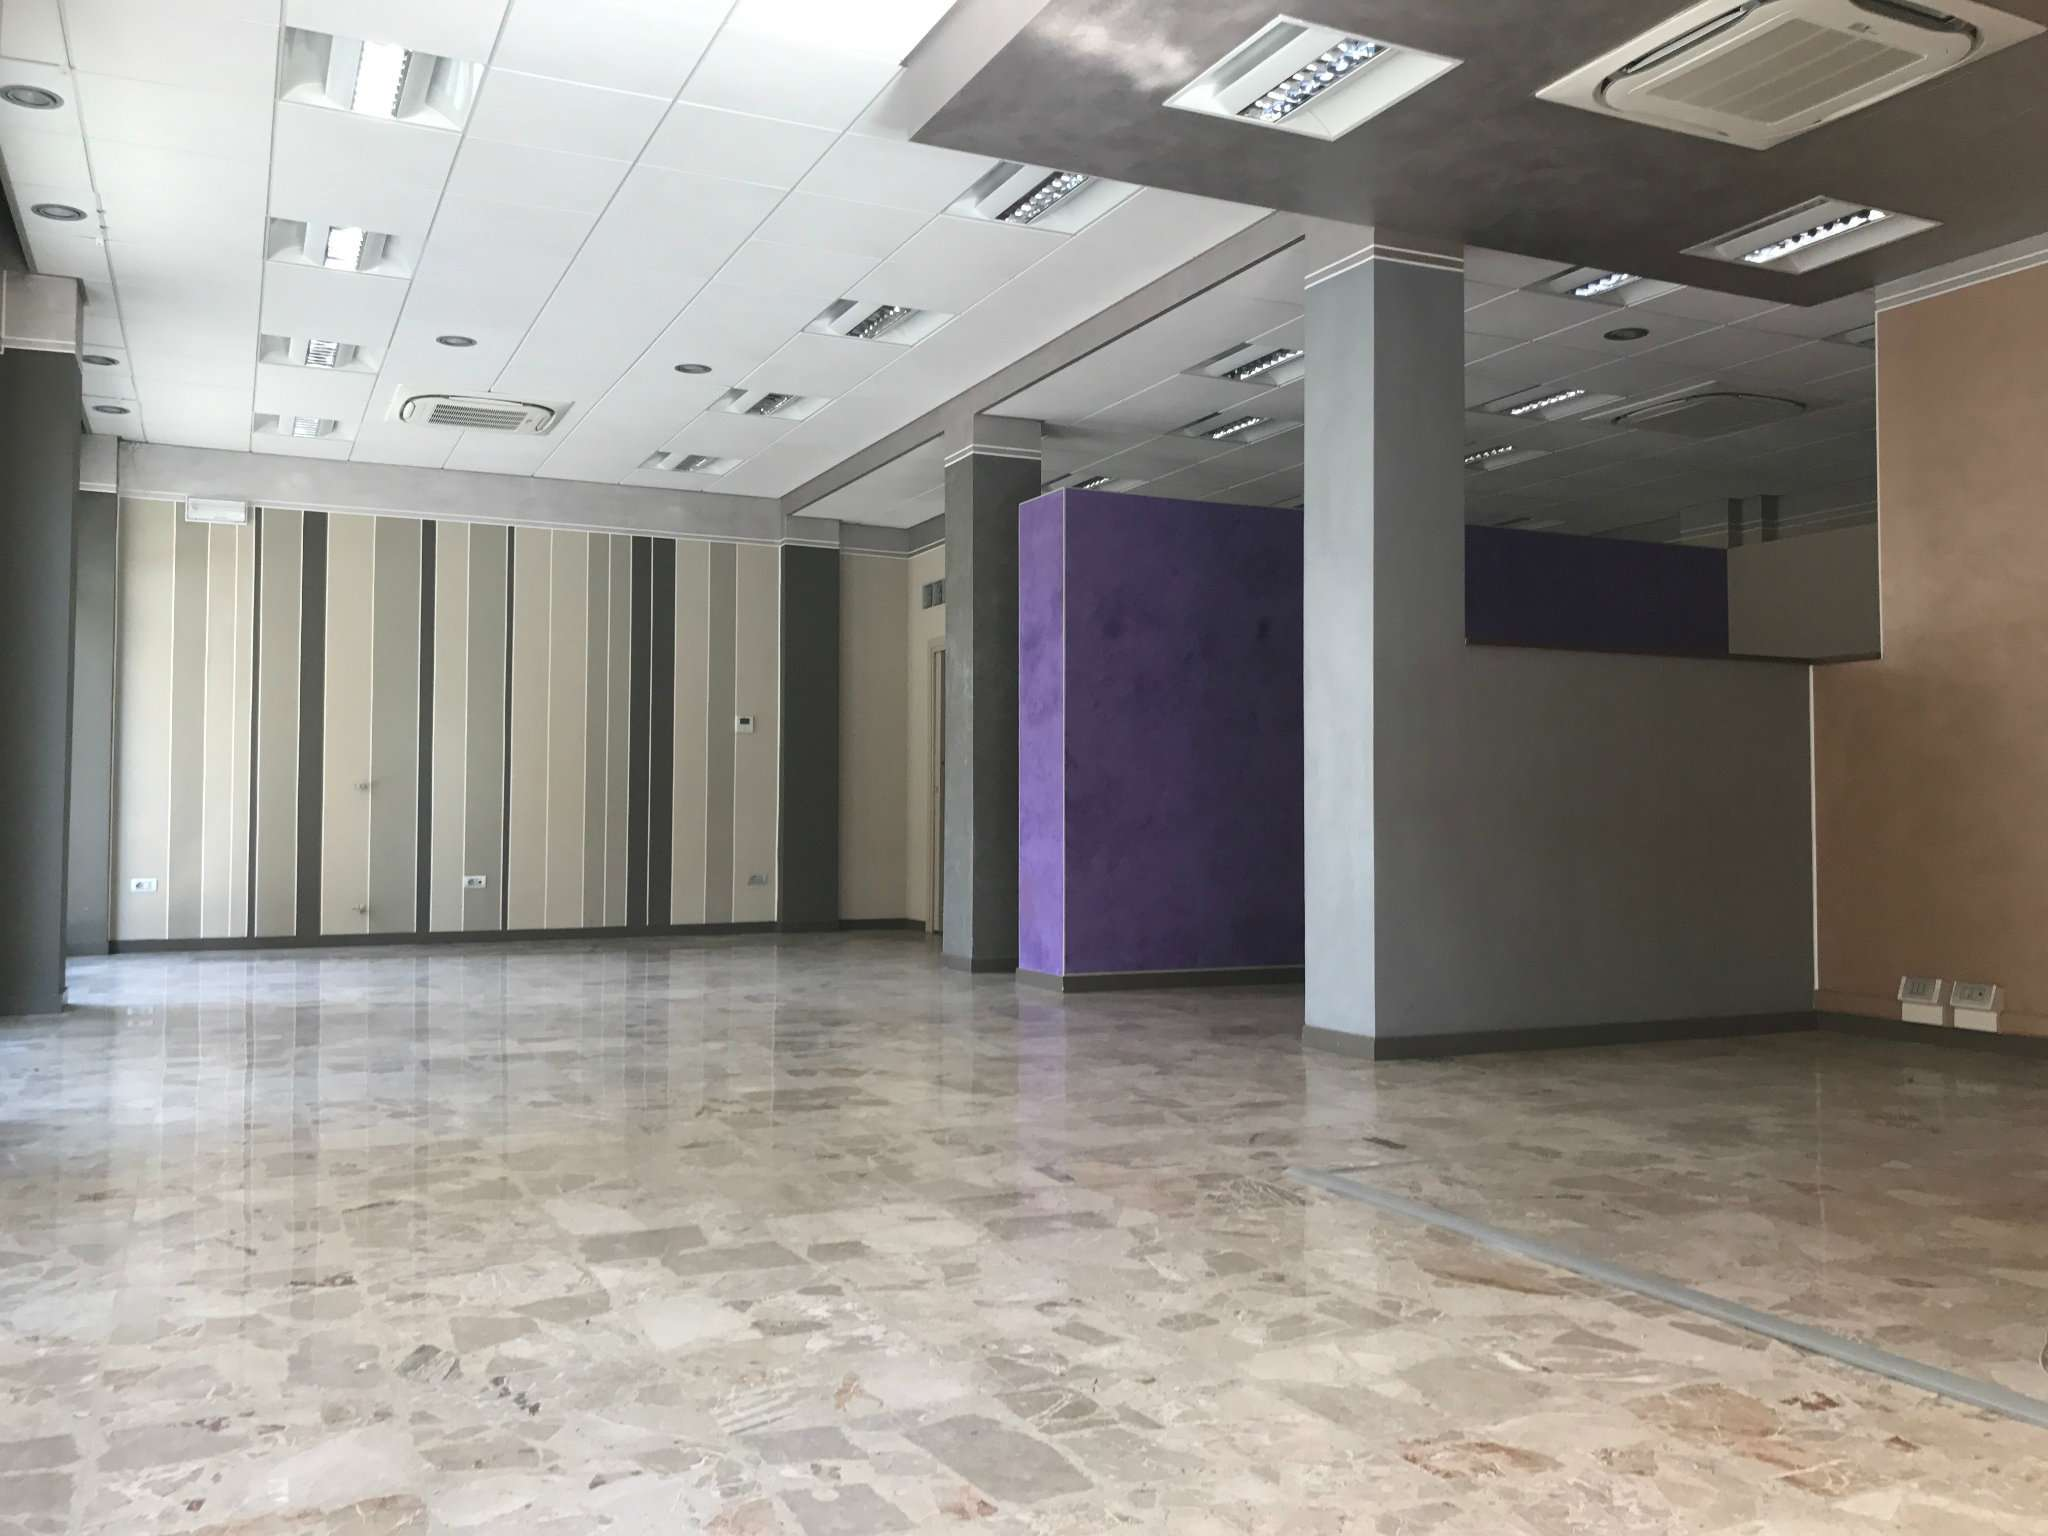 Negozio / Locale in vendita a Alba, 1 locali, prezzo € 290.000 | CambioCasa.it